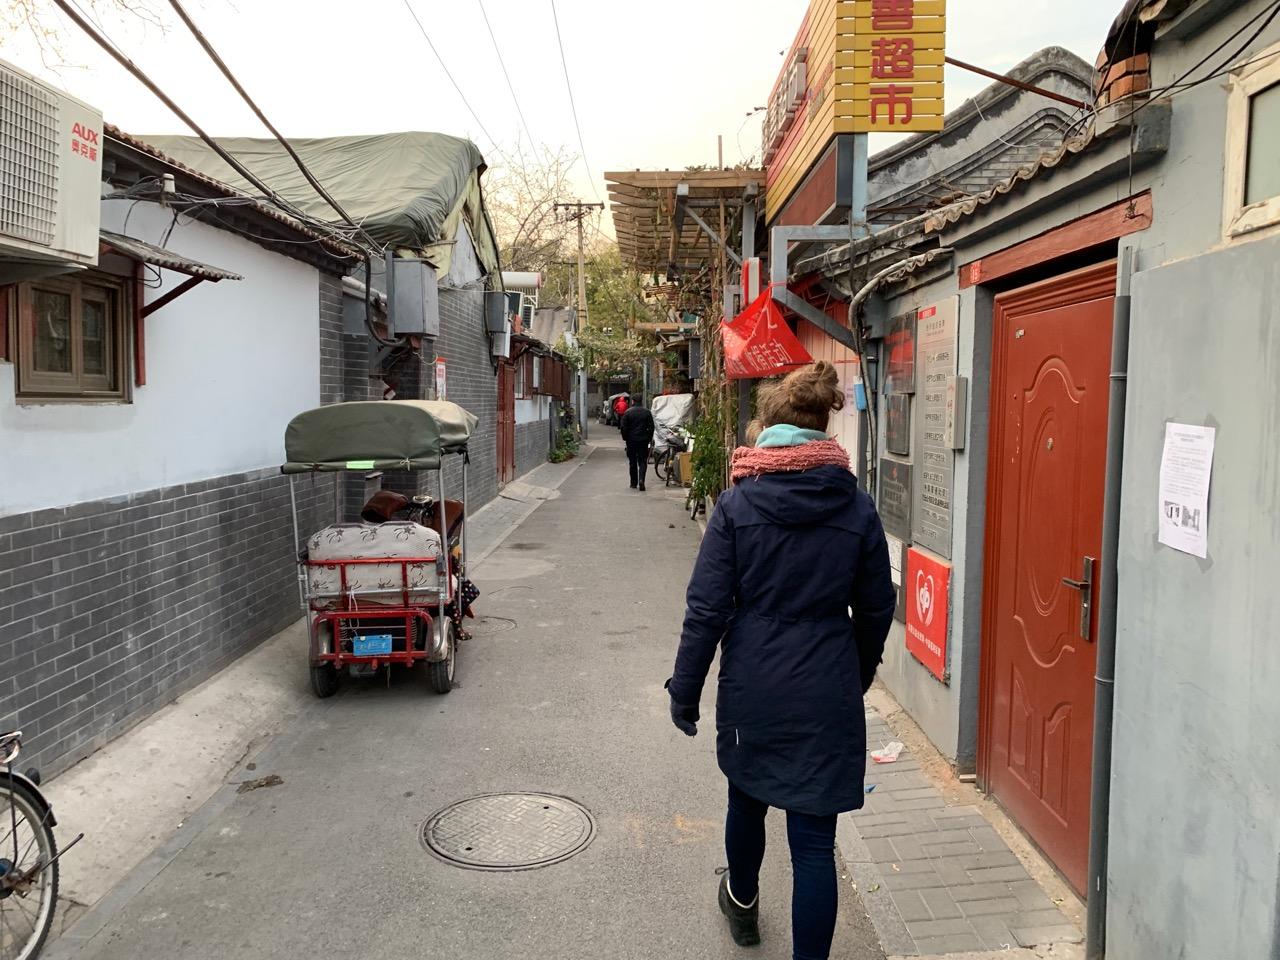 Een smal straatje in een Hutong